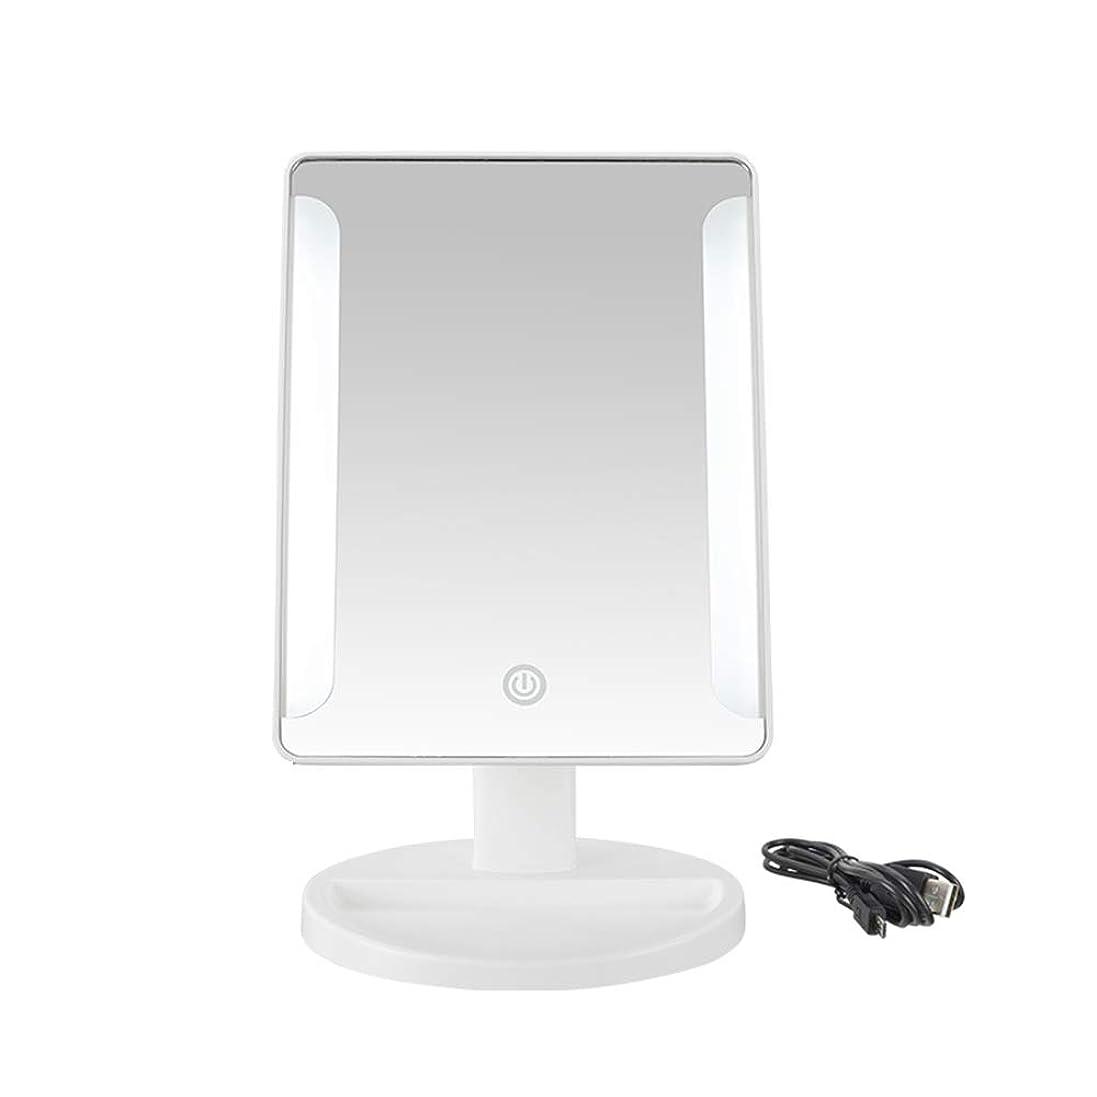 契約した孤児サークルLED照明付き化粧鏡、USB充電式、ポータブル化粧品卓上ミラー、タッチ調光対応 (Color : WHITE)